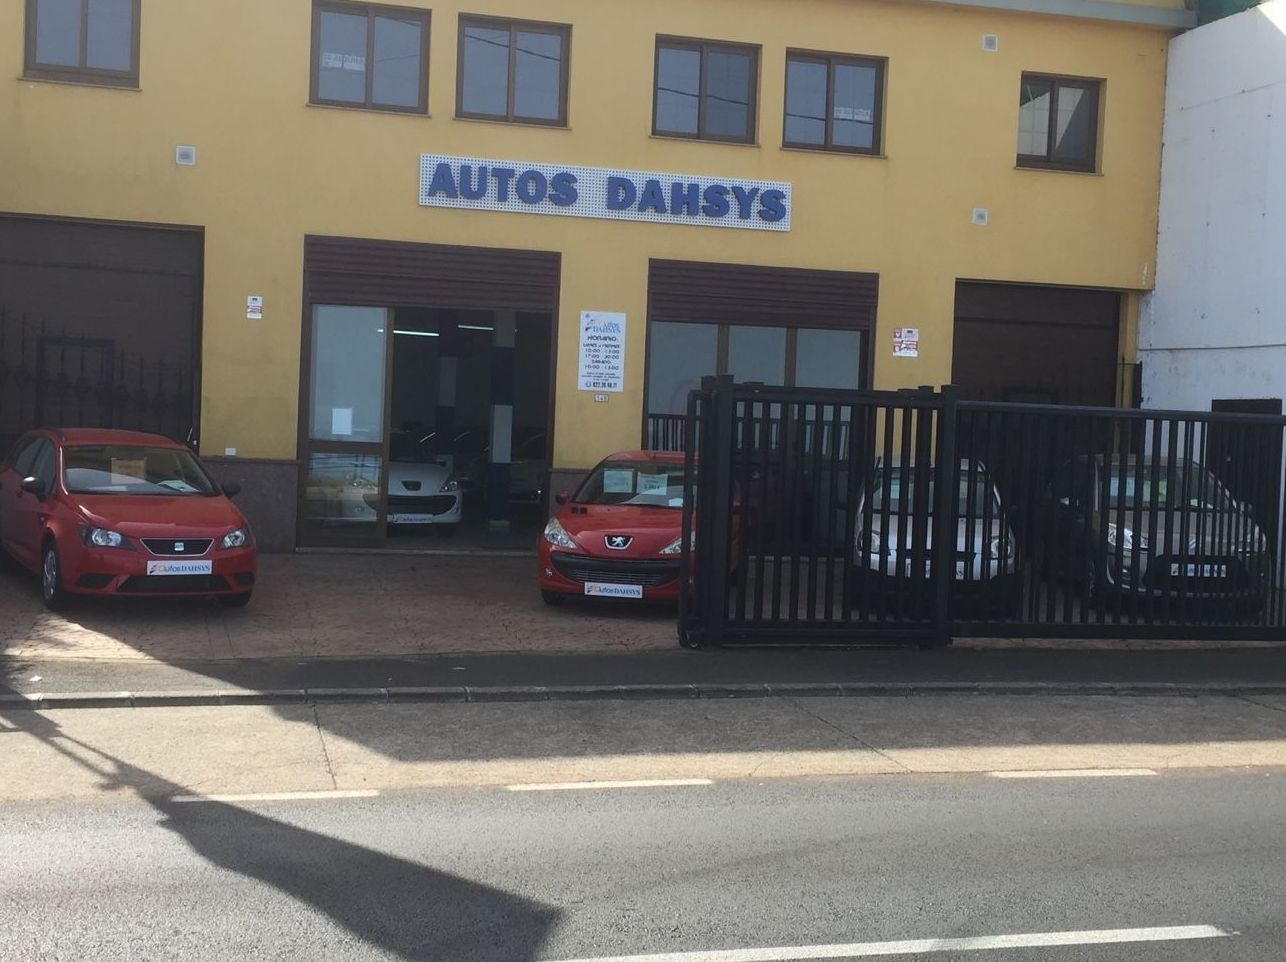 Foto 173 de Talleres de automóviles en Tacoronte | Centro Auto Dahsys